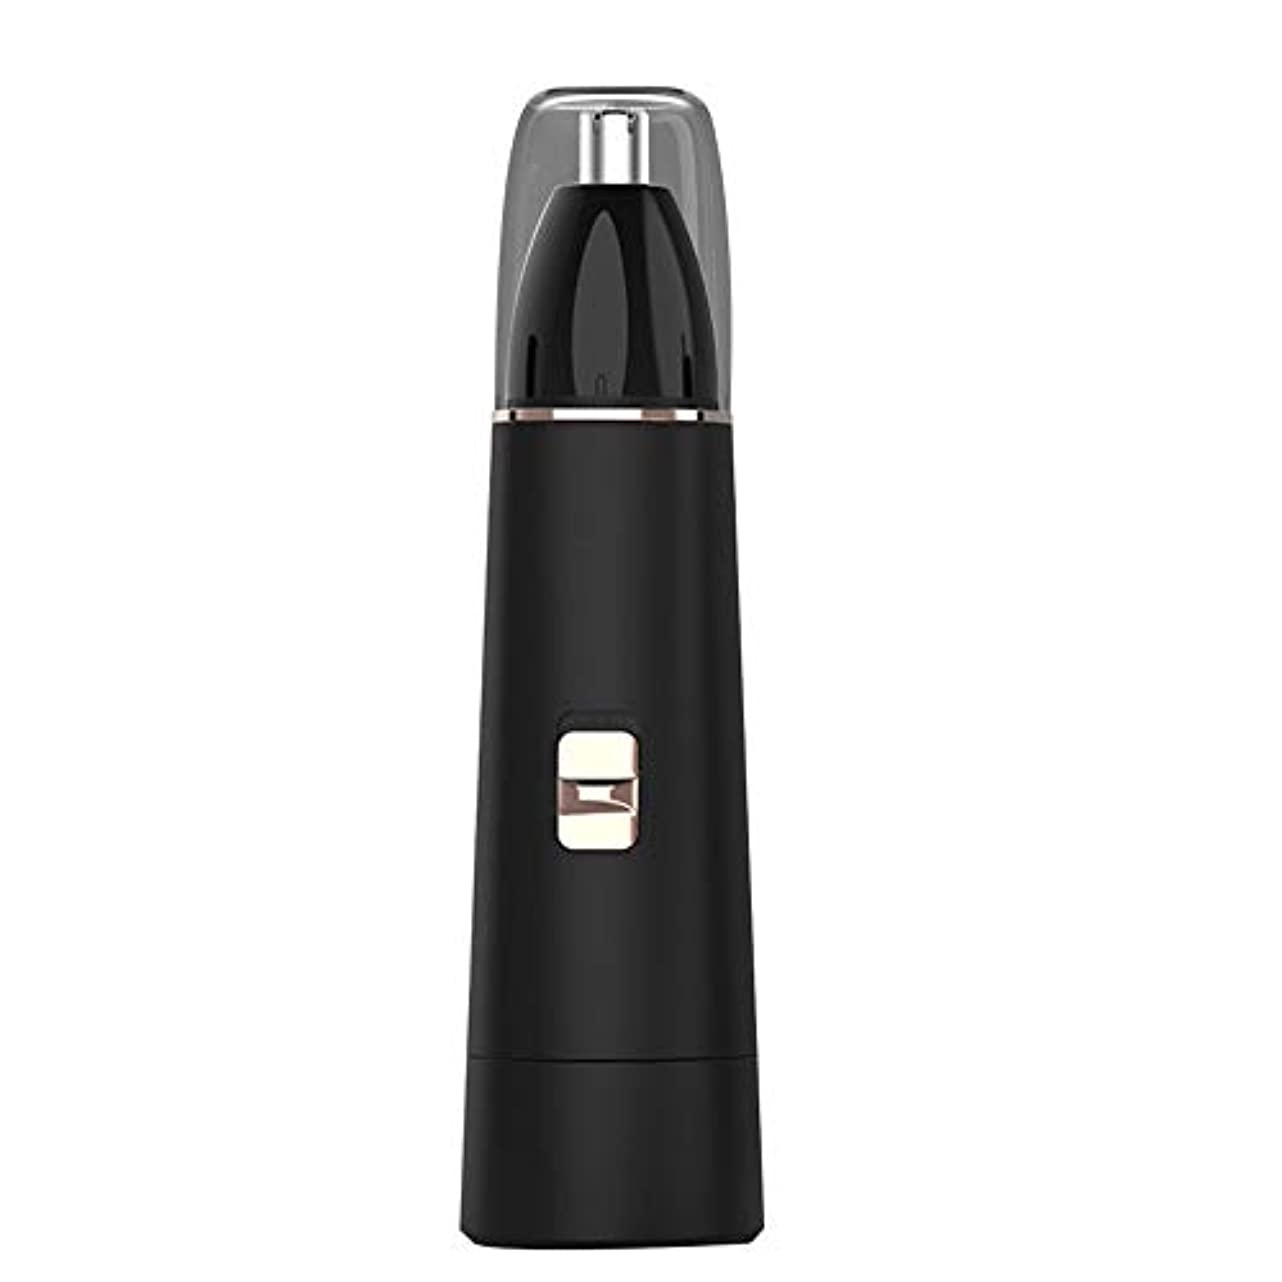 来て驚かす端末鼻毛トリマー-USB充電式電動鼻毛トリマー/ABS素材/多機能 よくできた